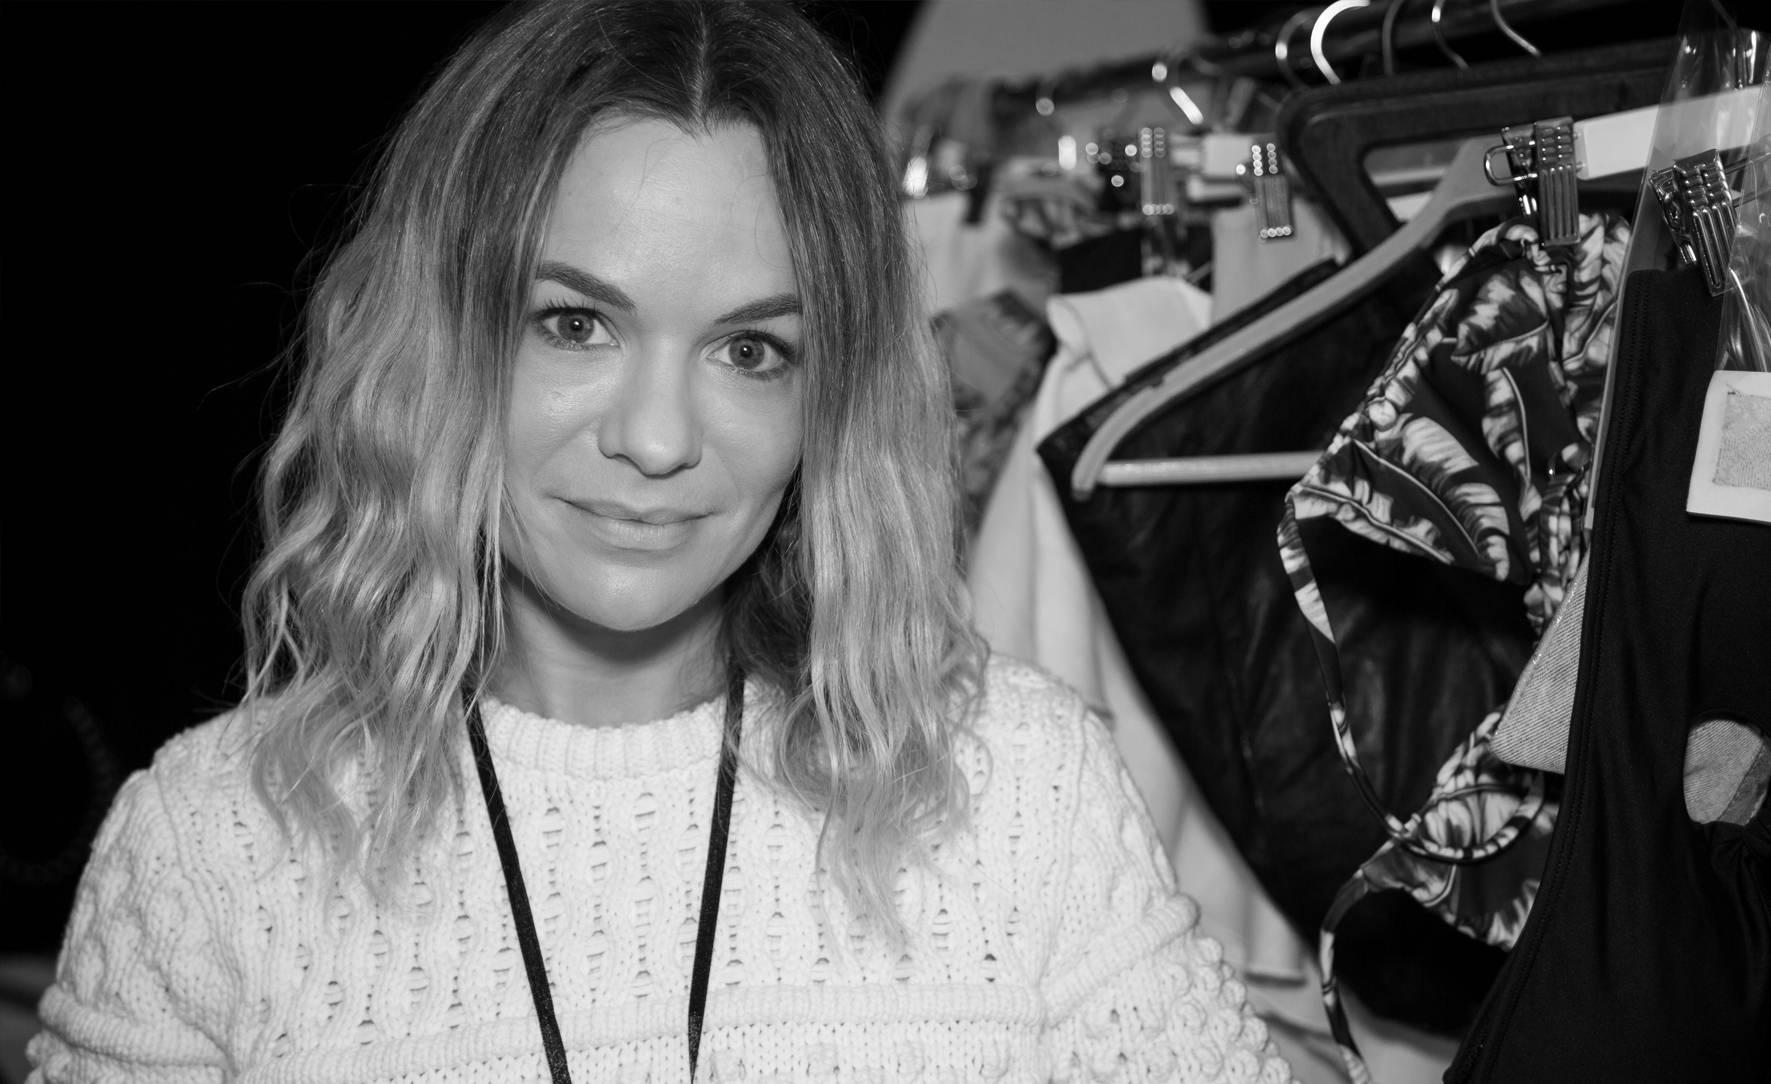 Aurai Swimwear Founder Natalia Bertolo